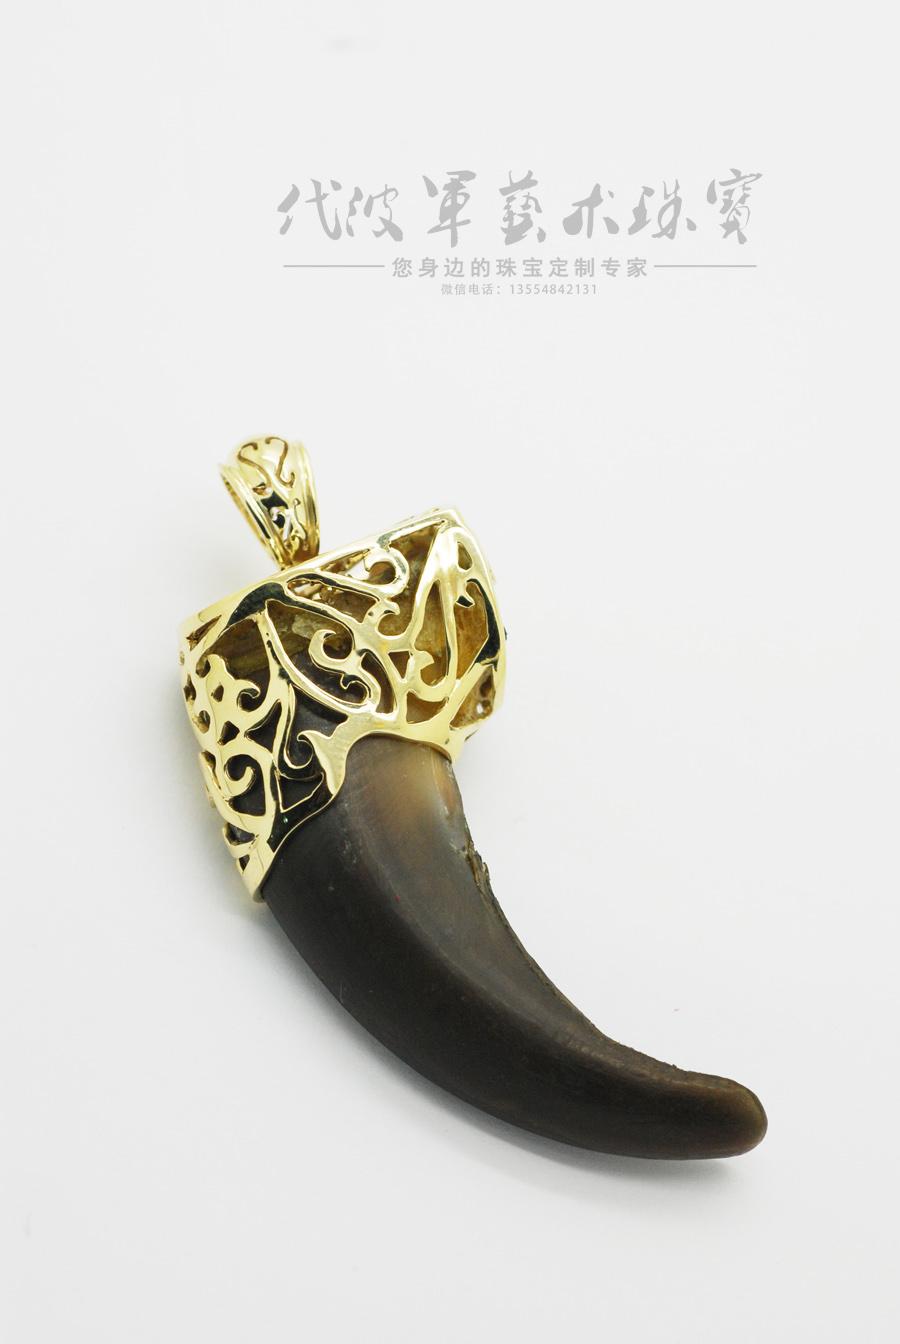 查看《代波军艺术珠宝定制----沉香镶嵌设计与牙镶嵌设计作品欣赏》原图,原图尺寸:900x1344